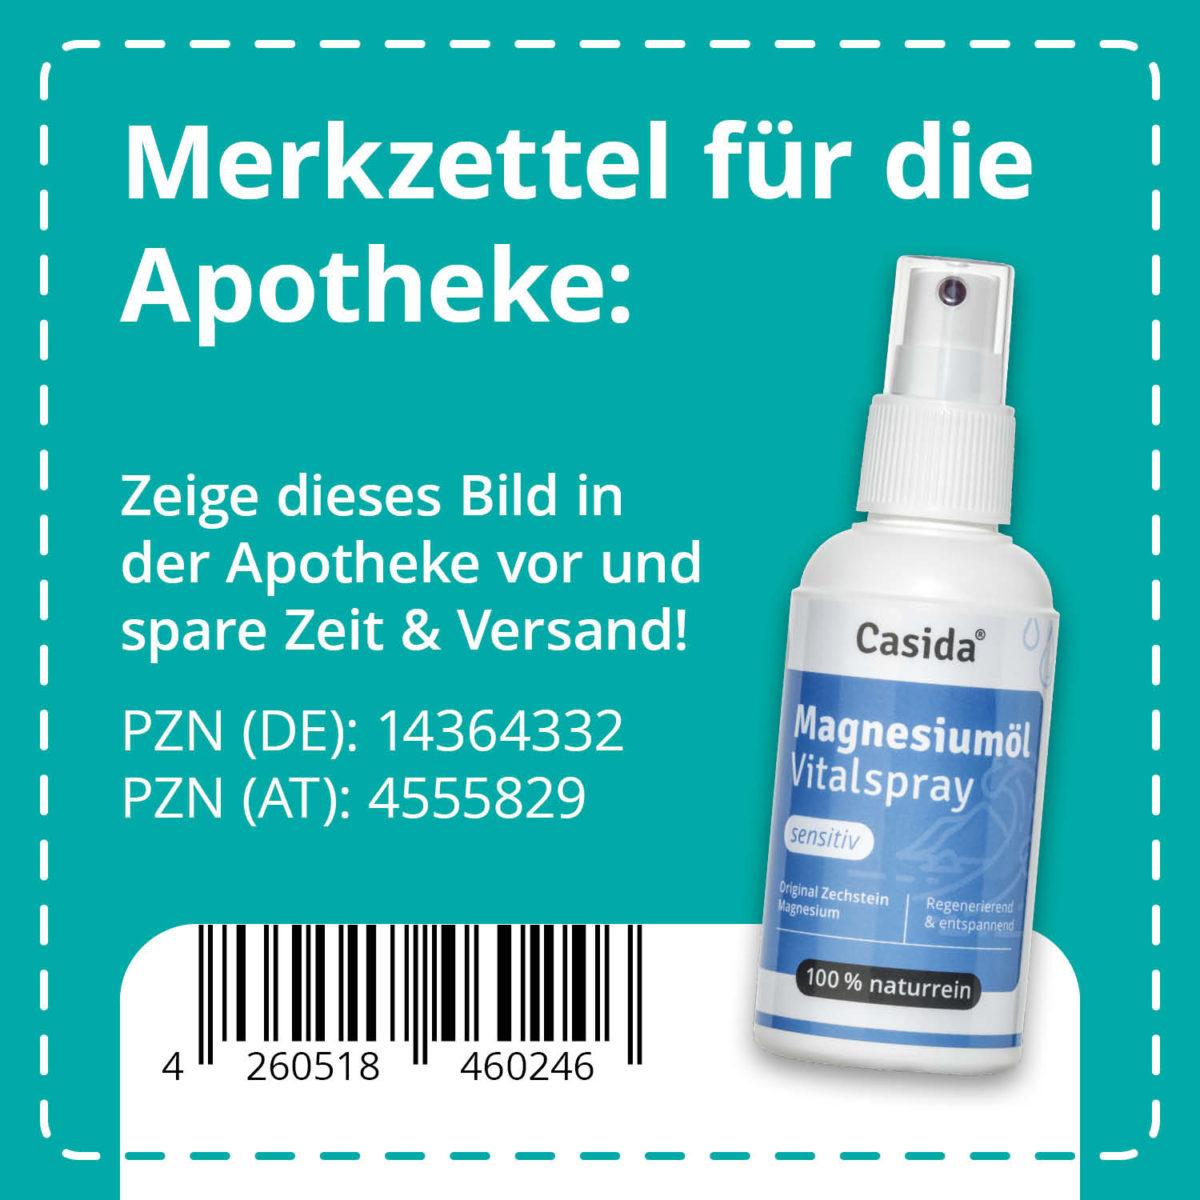 Casida Magnesiumöl Vitalspray Sensitiv 100 ml PZN DE 14364332 PZN AT 4555829 UVP 12,90 € EAN 4260518460246